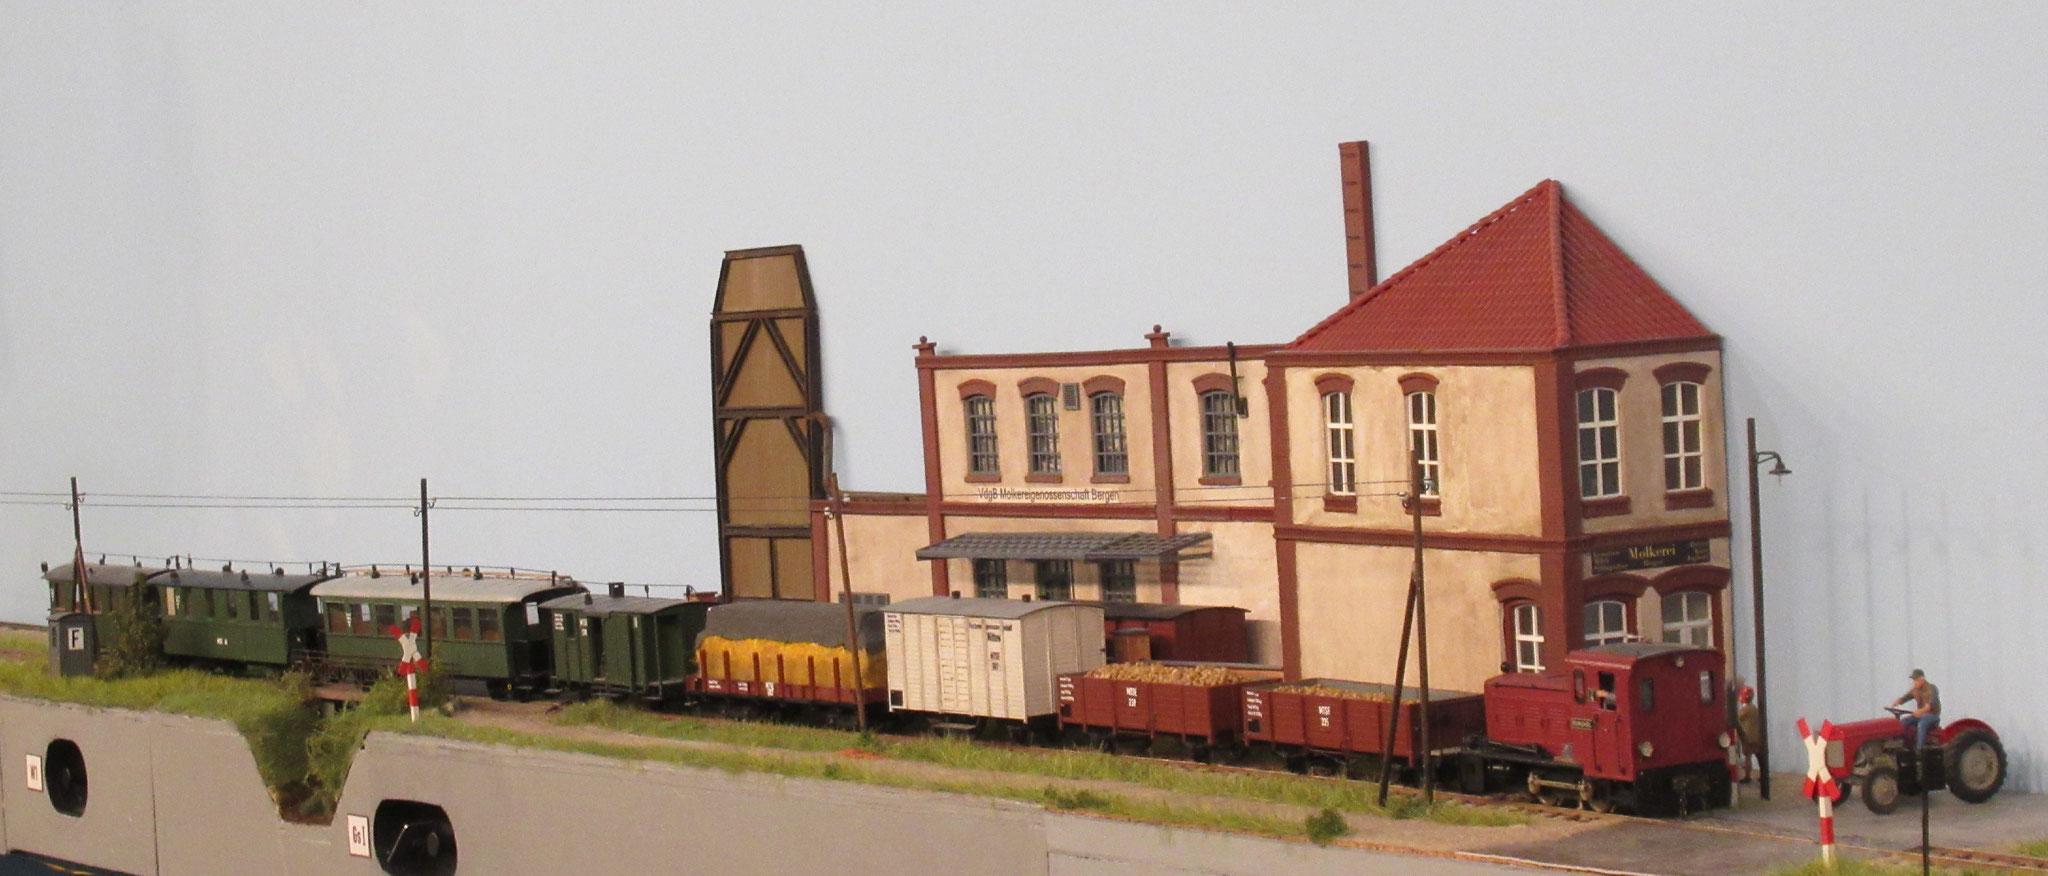 """Für eine """"leichte Streckenlok"""" ist der Zug schon beachtlich...."""